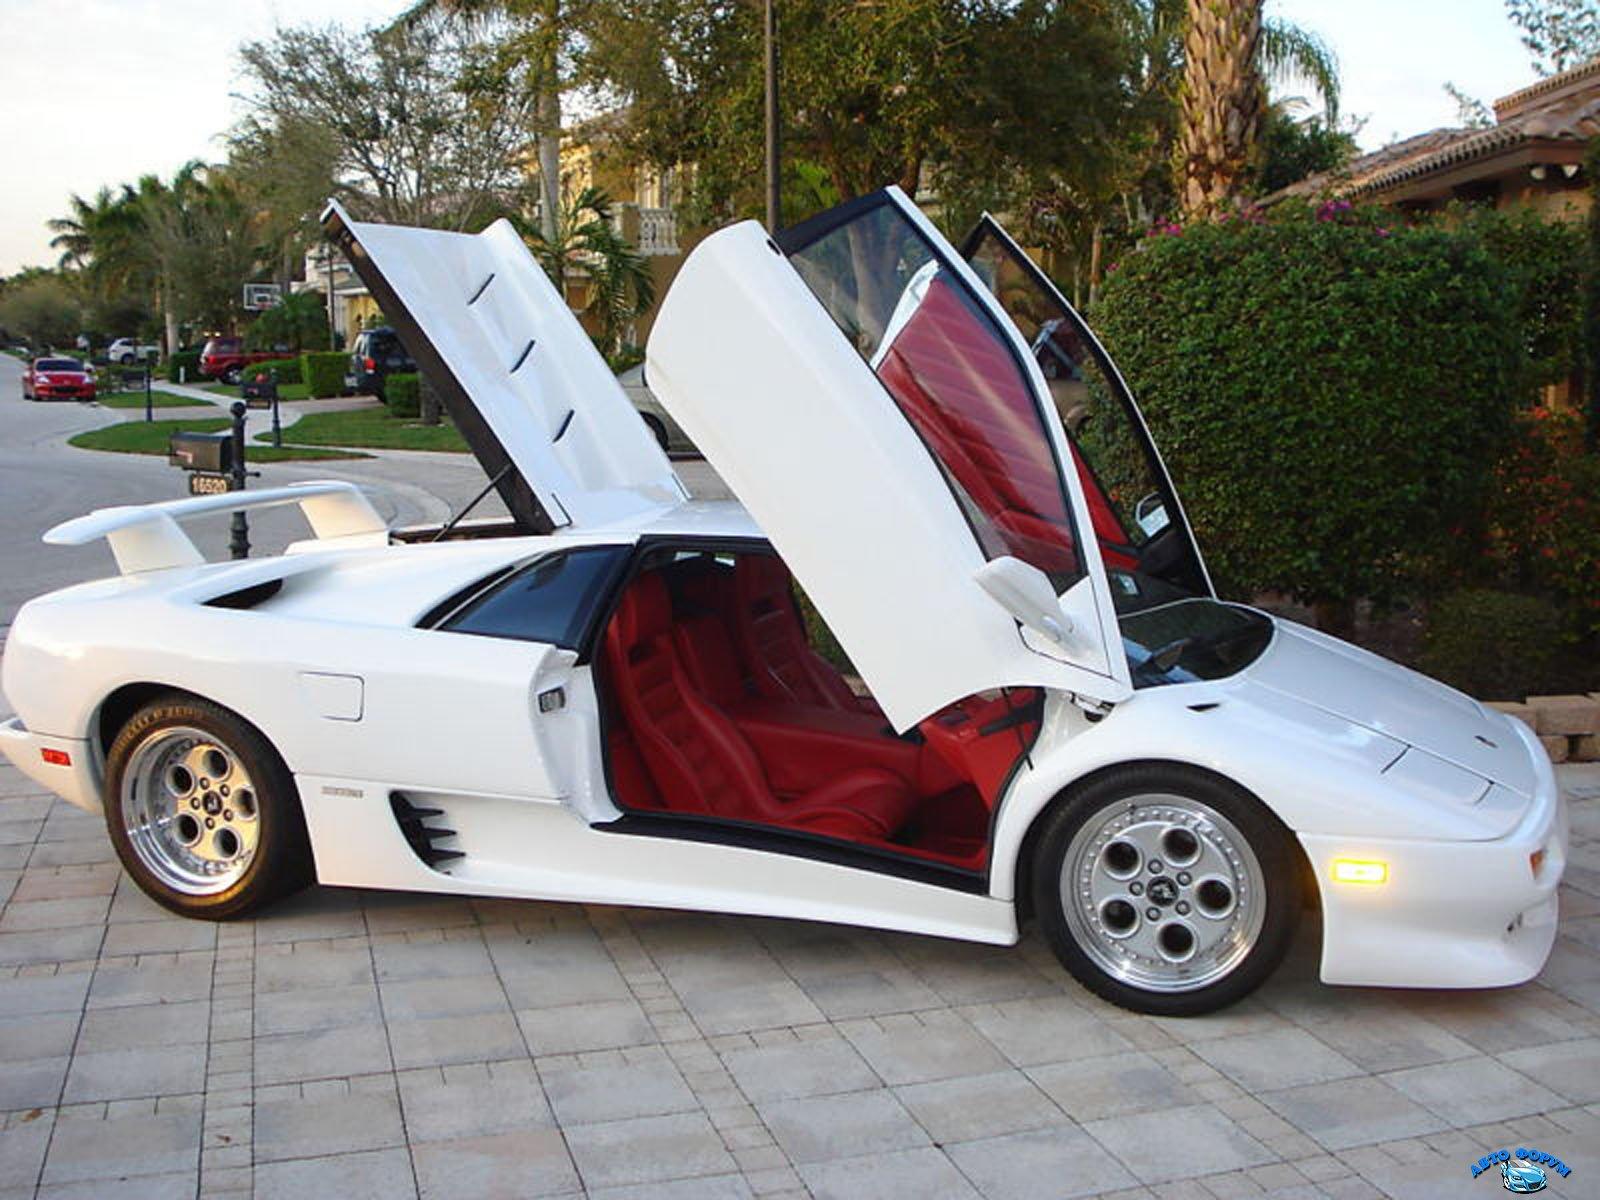 Lamborghini-Diablo-Diablo-for-sale-custom-27345-4056.jpg